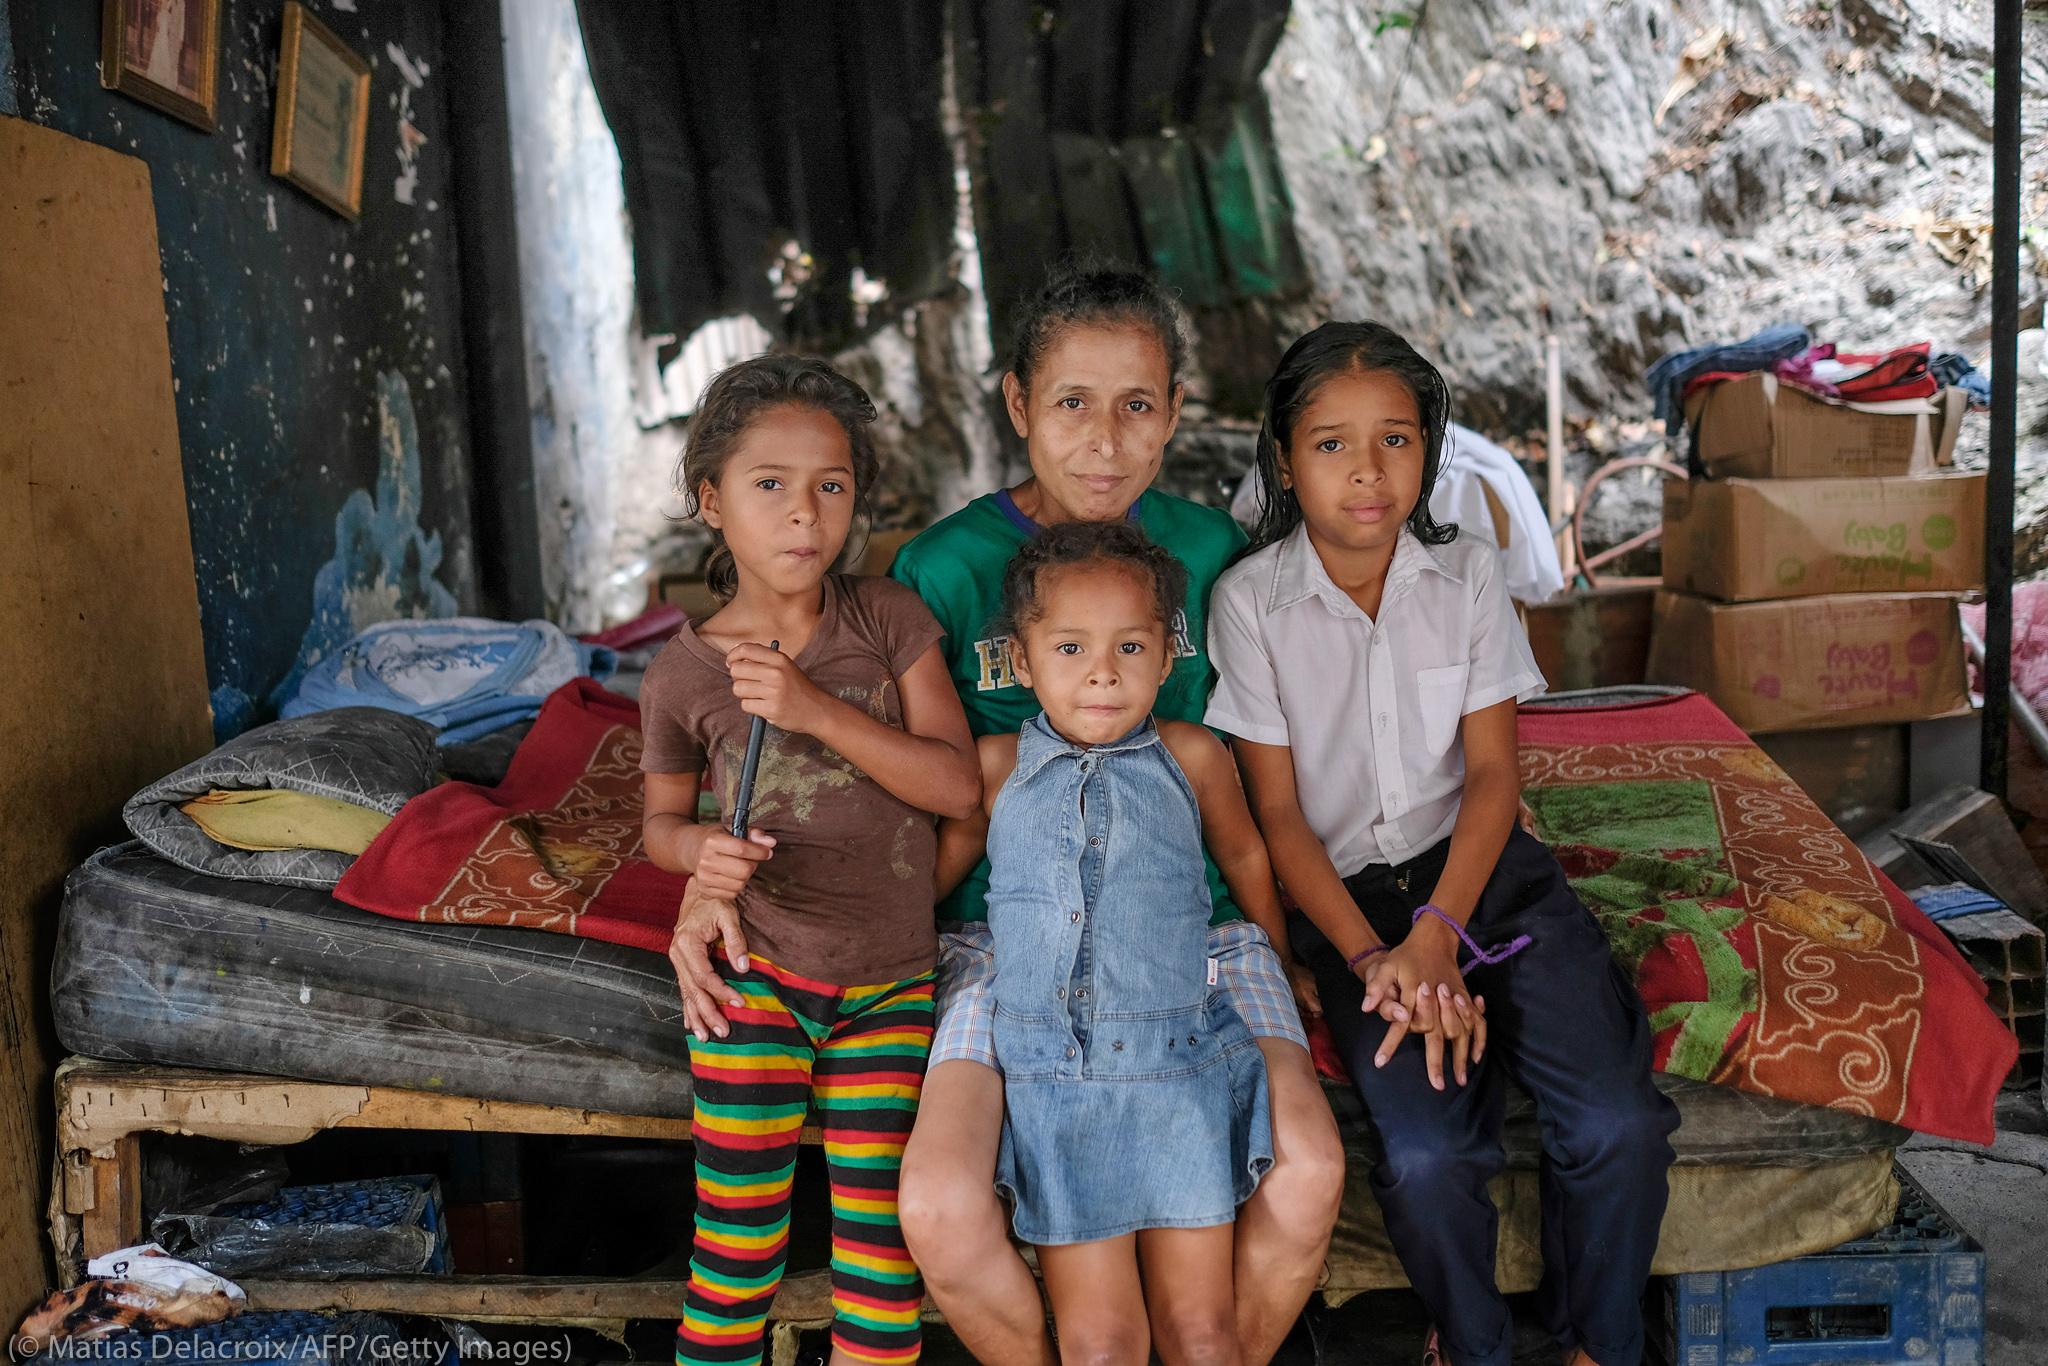 Venezuelan family posing for portrait (© Matias Delacroix/AFP/Getty Images)